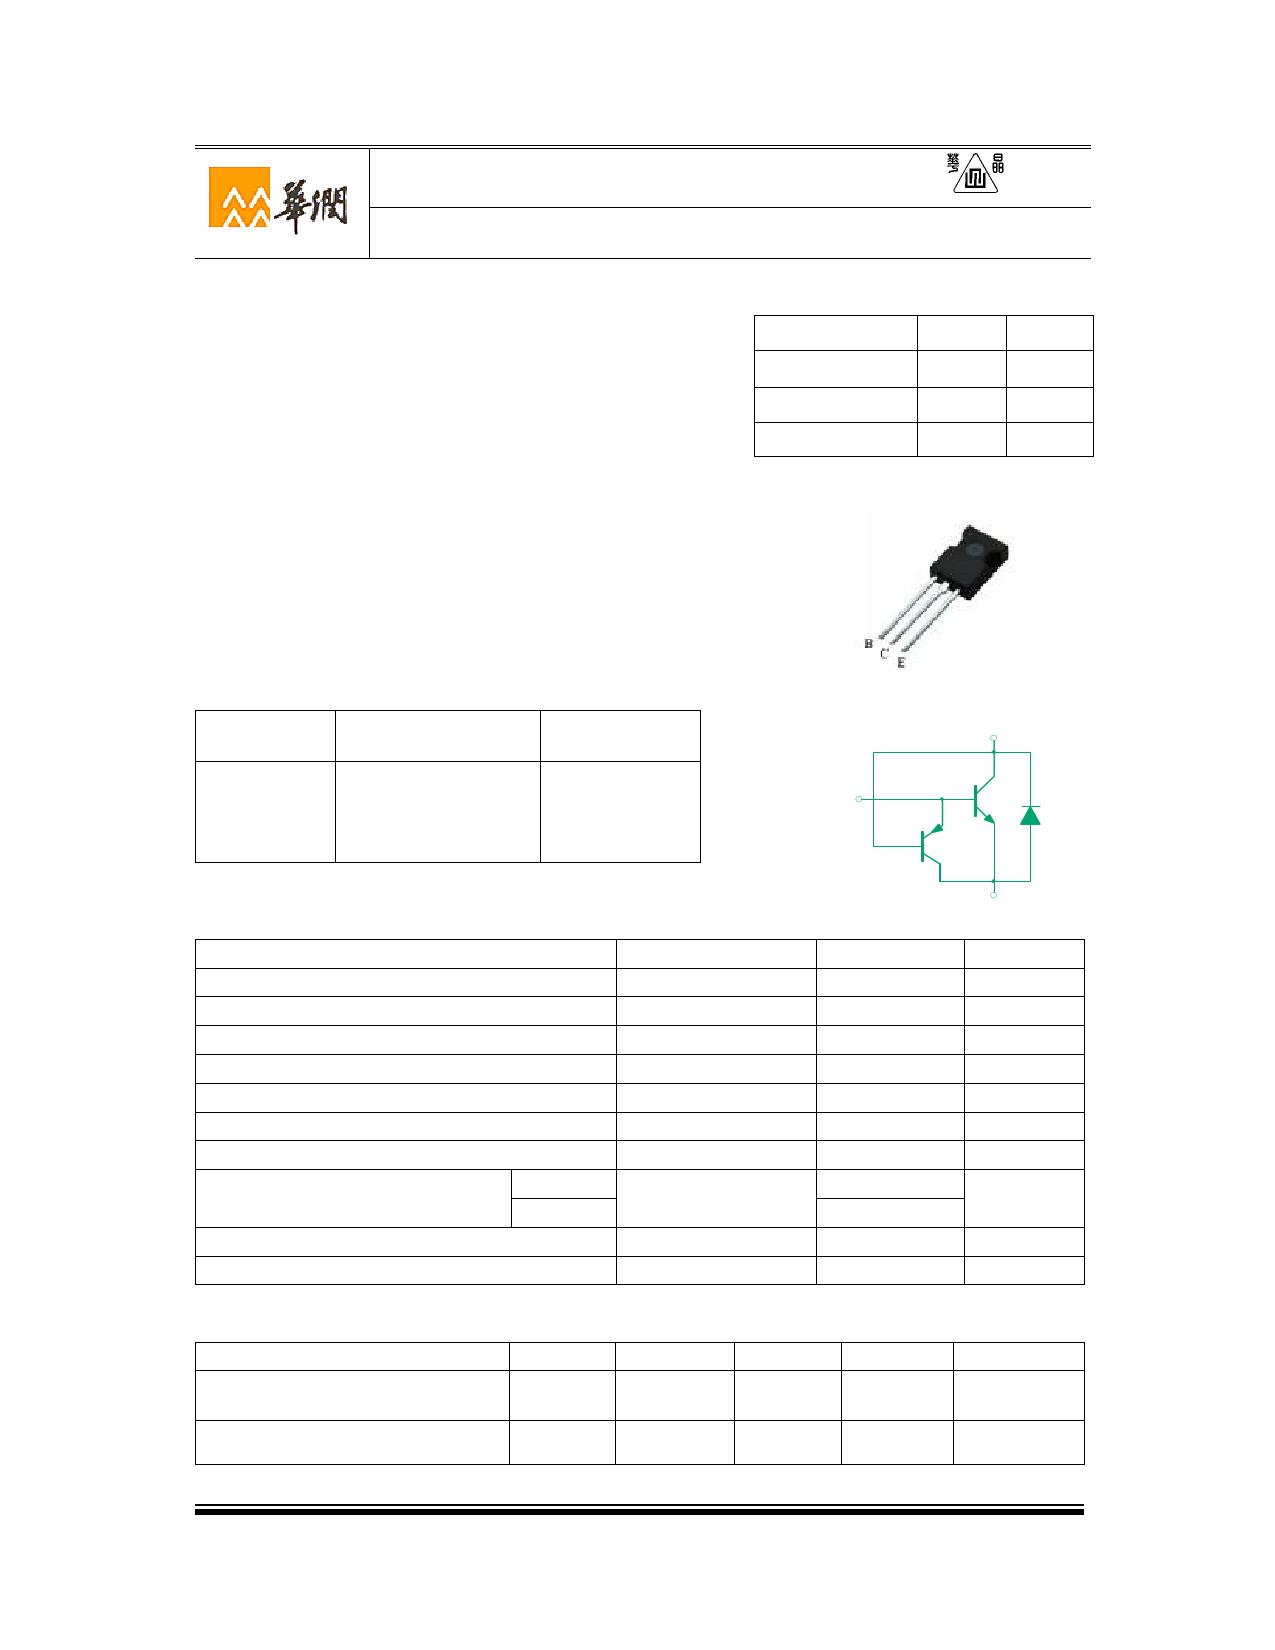 3DD128F Datasheet, 3DD128F PDF,ピン配置, 機能